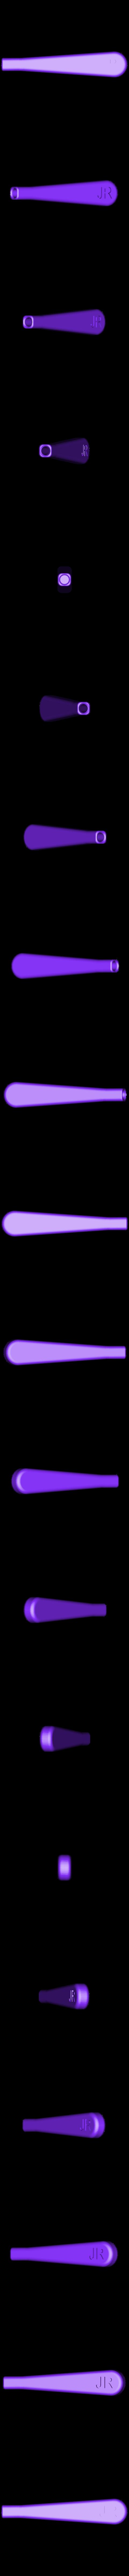 1d55309a b787 4514 b5f1 0951aff18dba